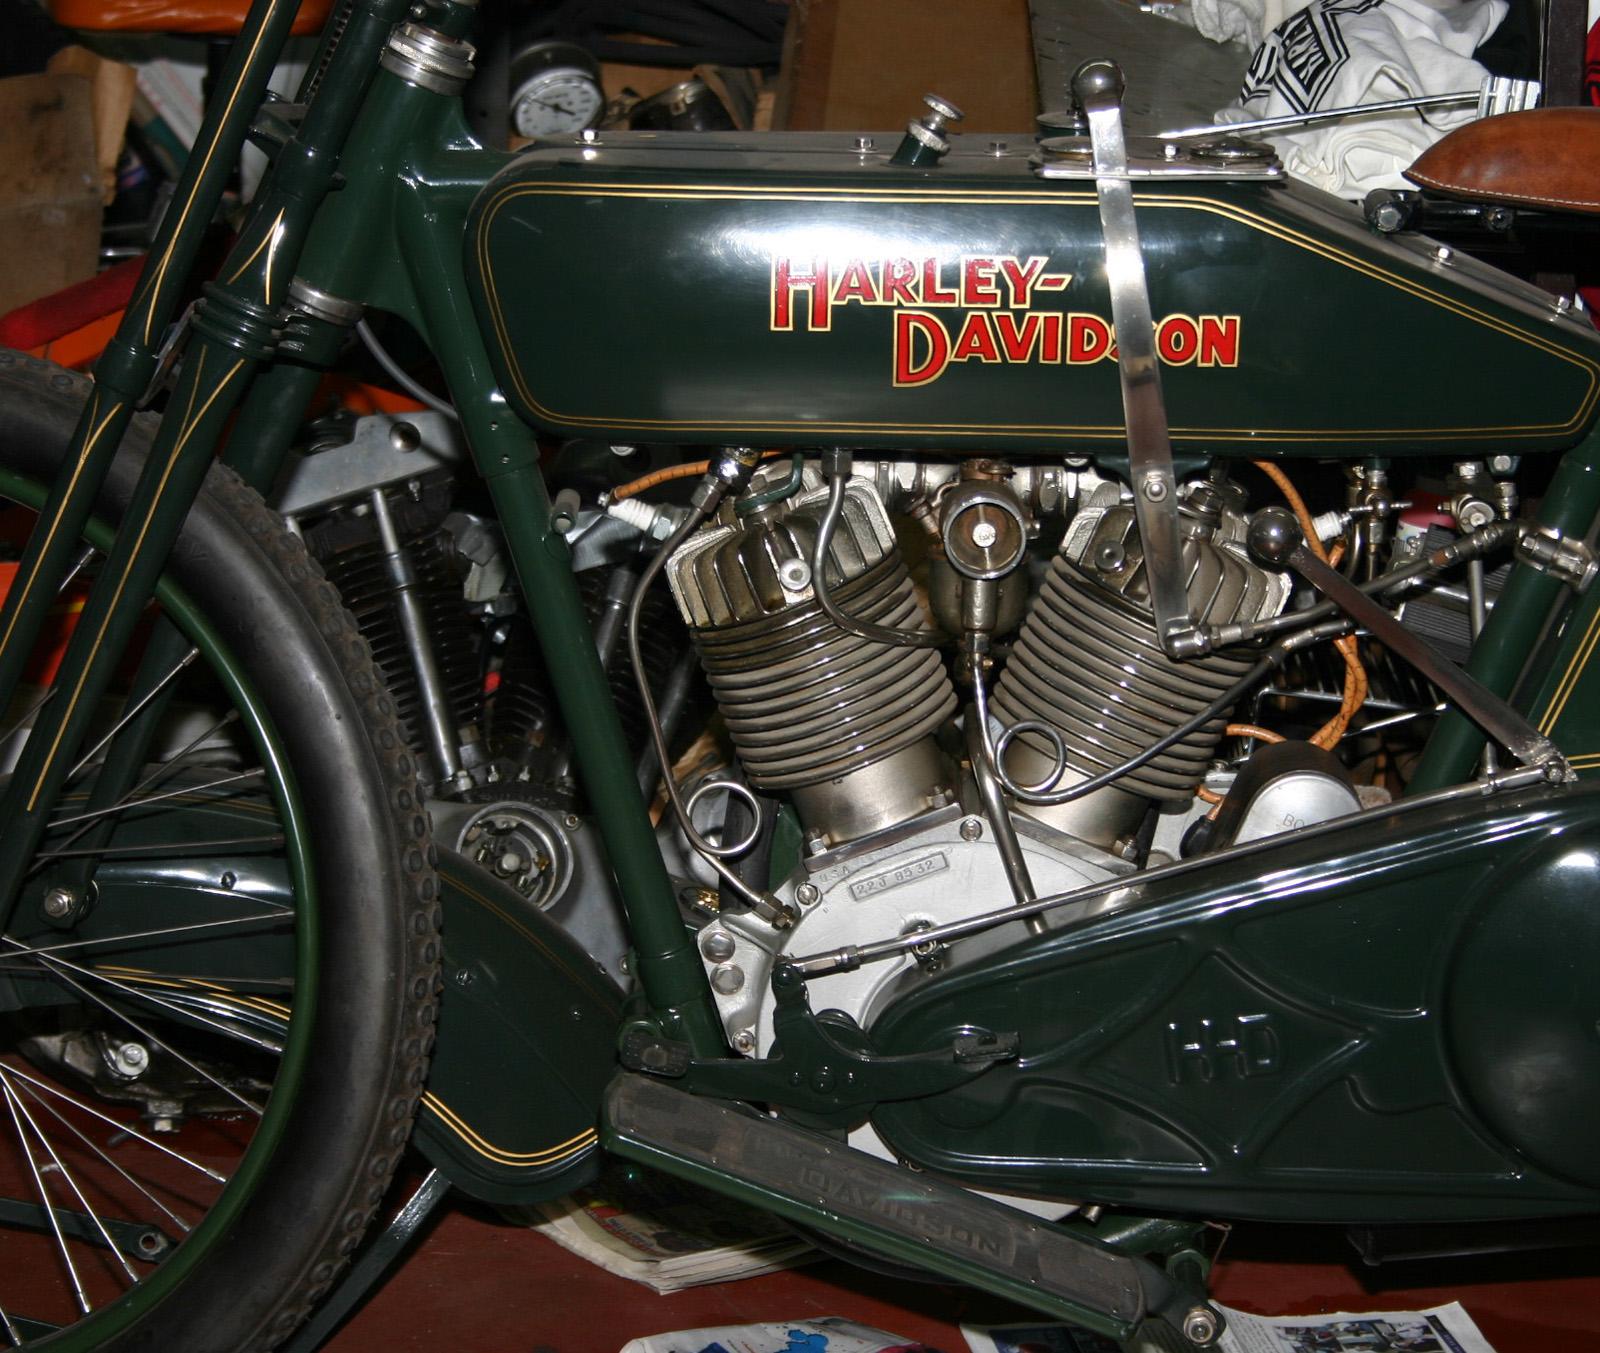 Harley Chrom Drag Skull Fender Ornament Shovel Sportster XL Glide Schutzblech